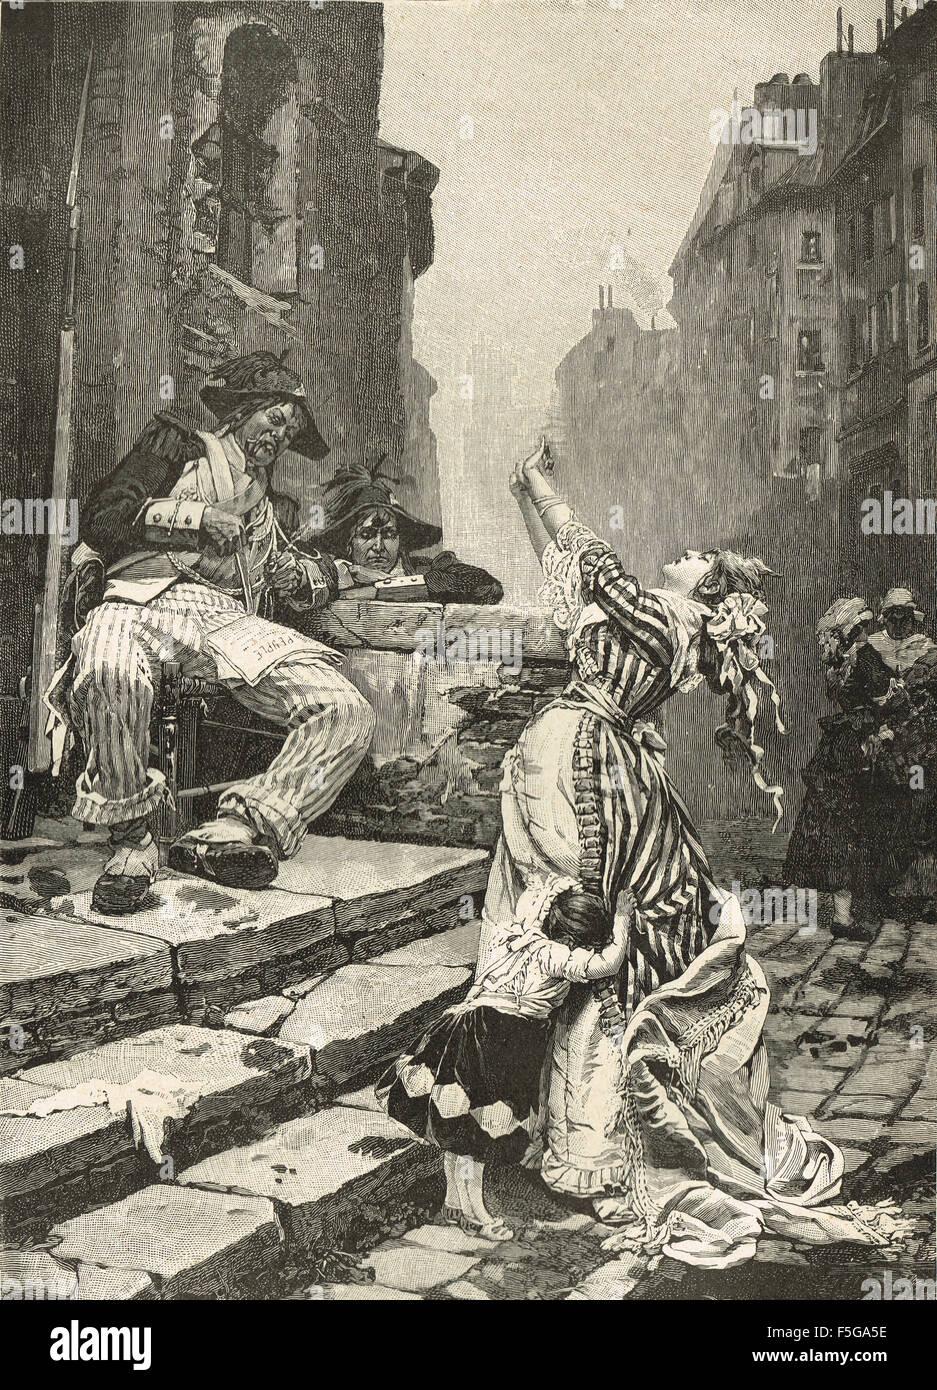 A Vain Appeal The Reign of Terror Paris, France 1793-4